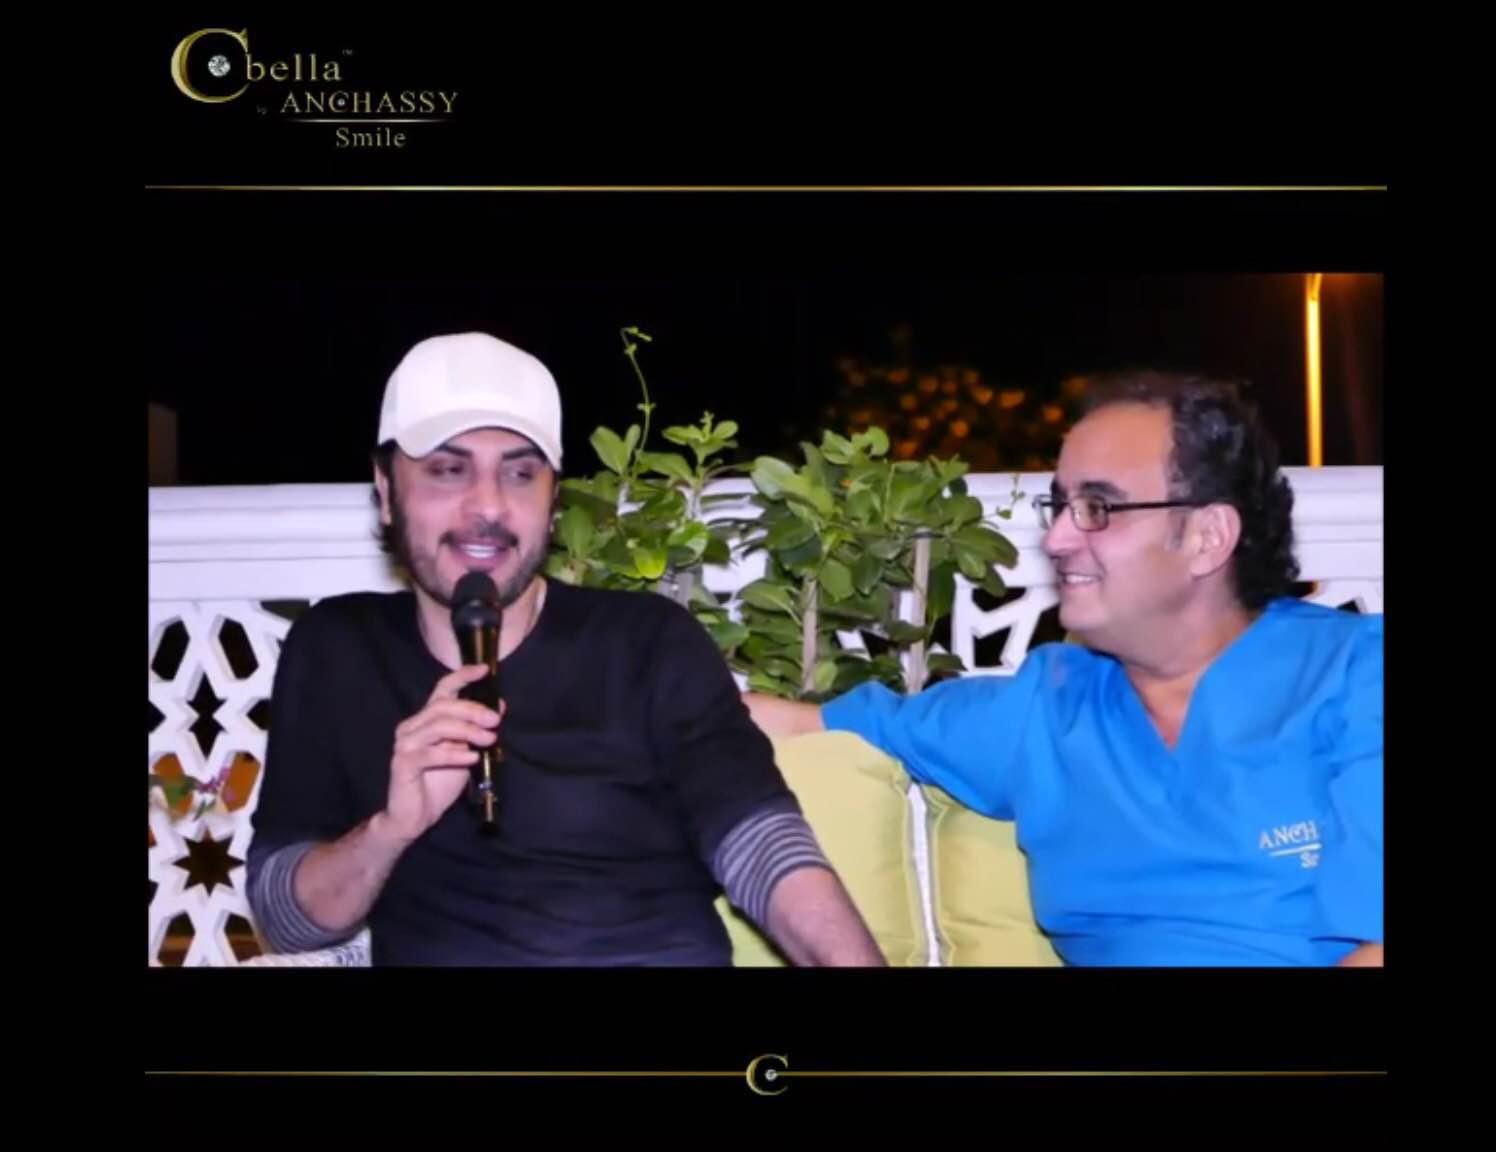 صورة برنس الغناء العربي والنجم العربي يجتمعان عند صانع ابتسامات النجوم